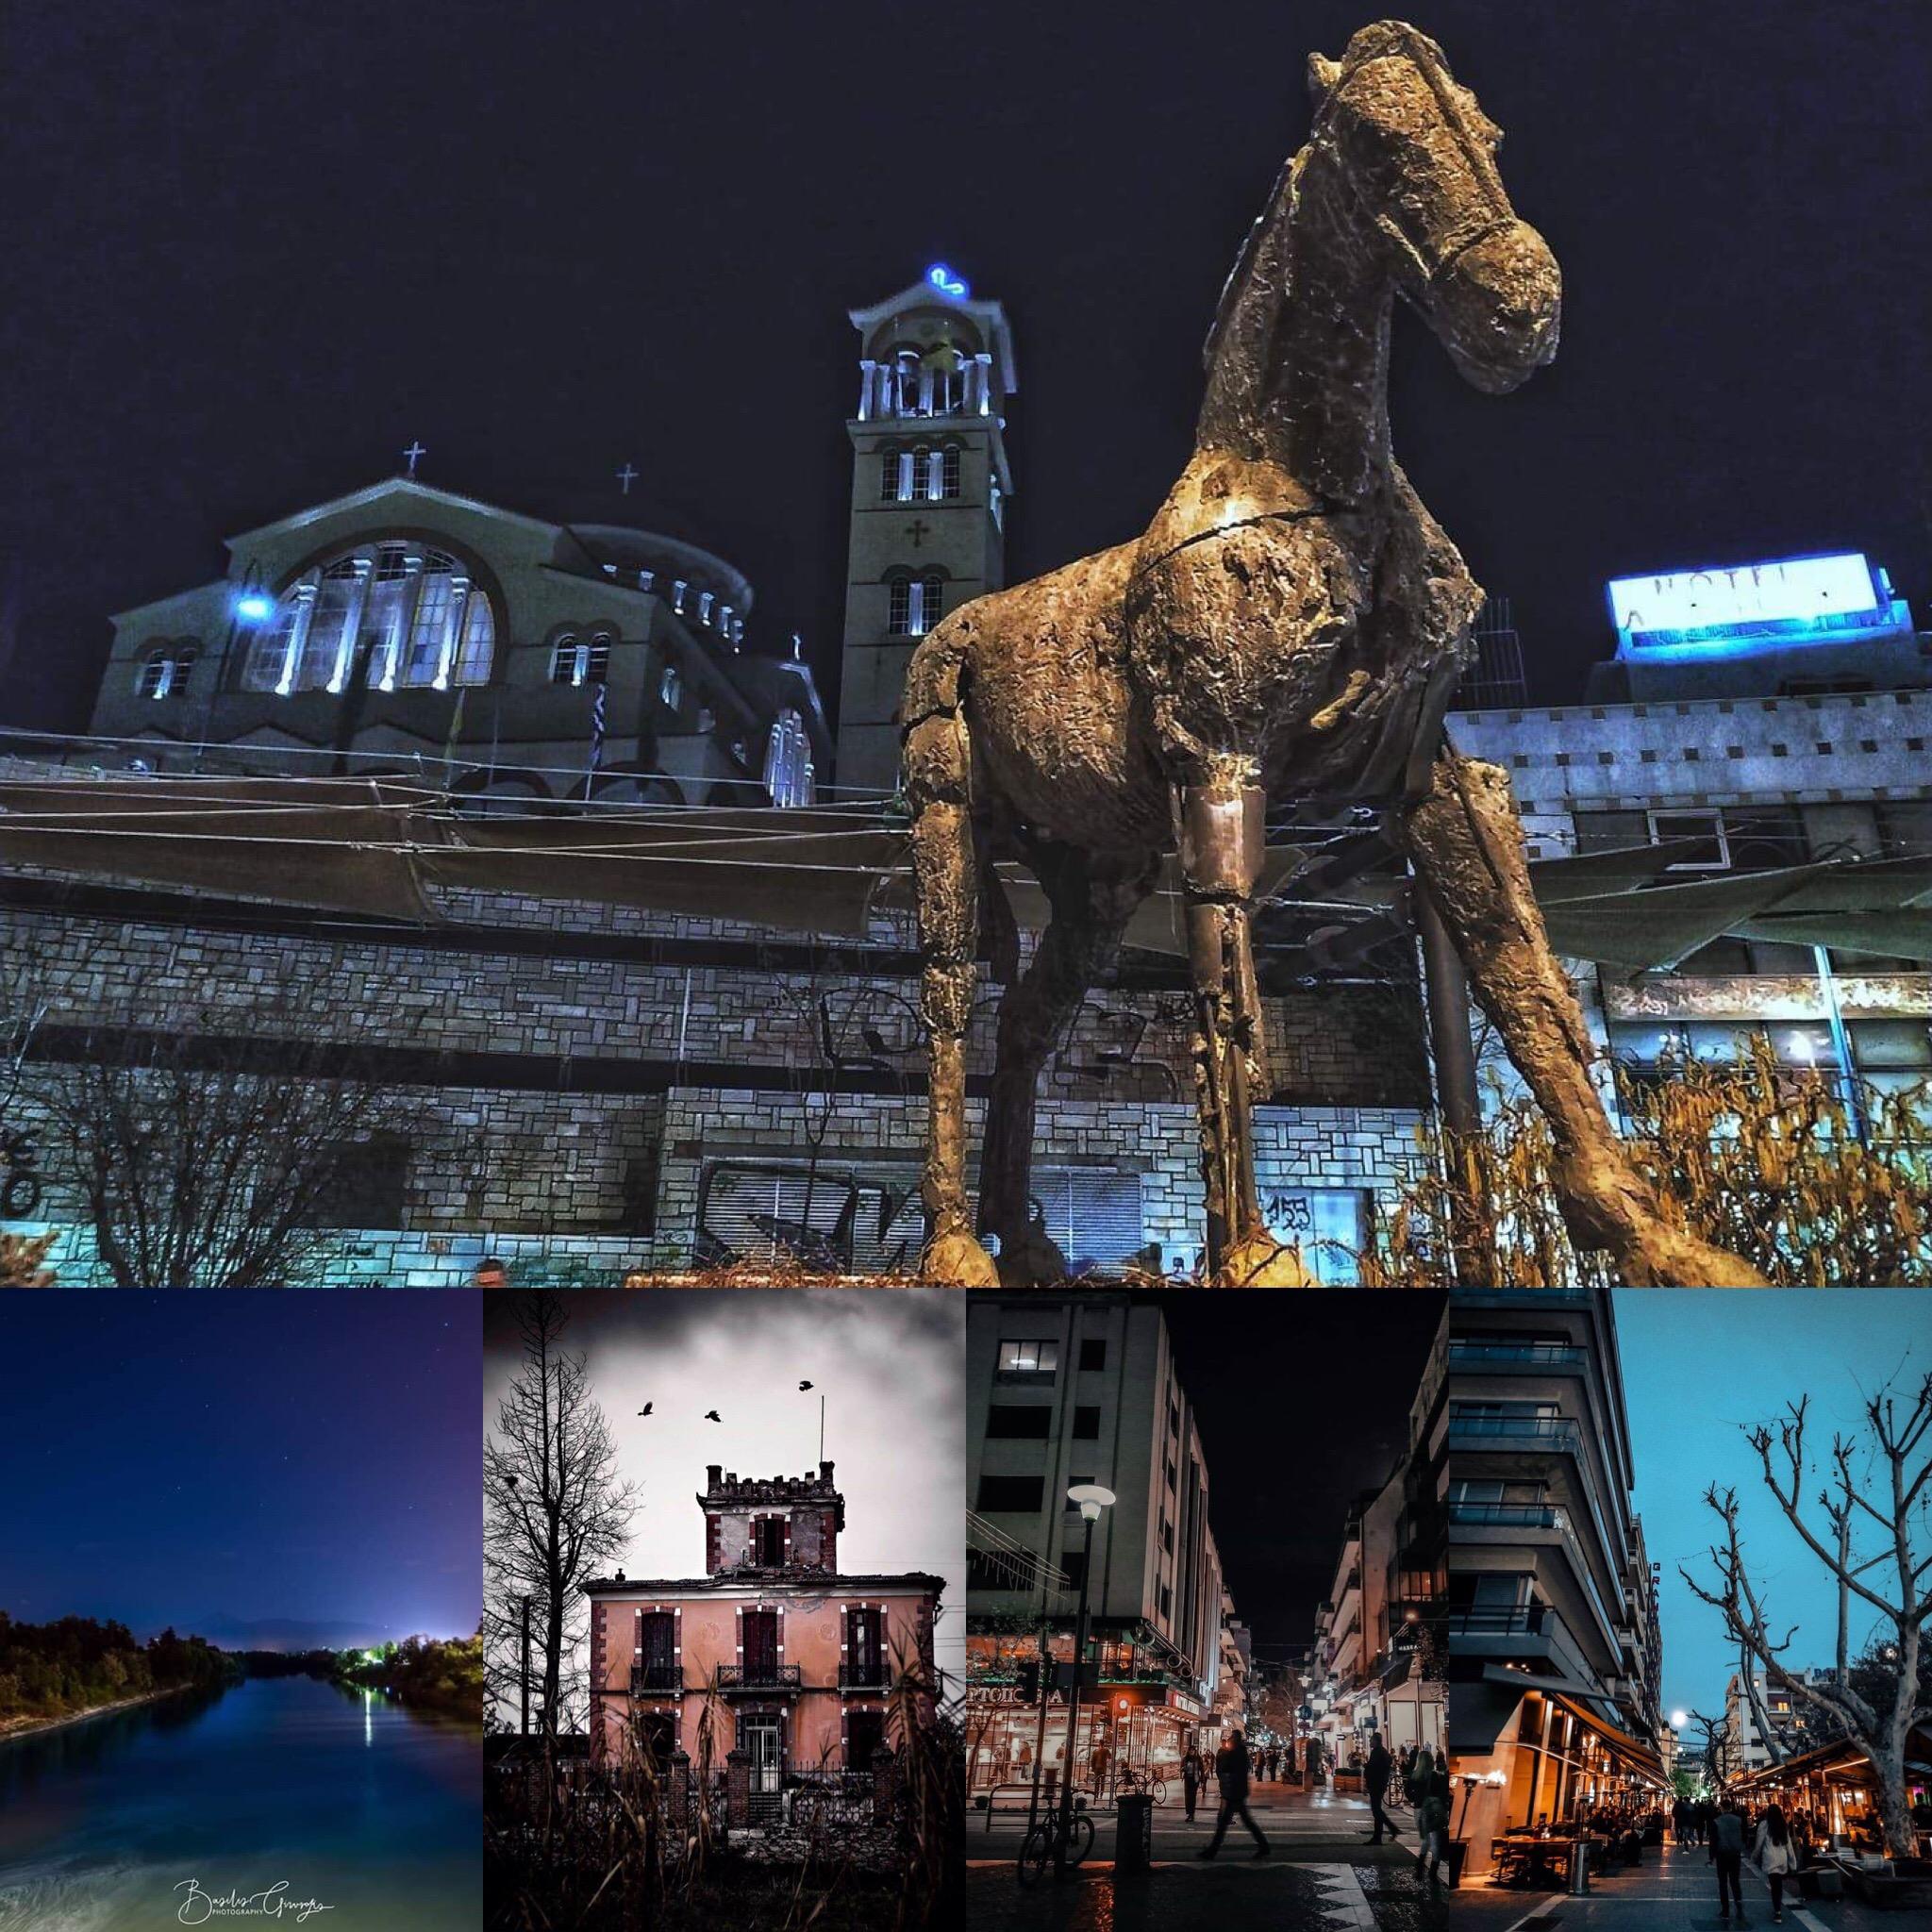 Λάρισα: Όταν η μαγεία της πόλης τη νύχτα συναντά την τέχνη της φωτογραφίας